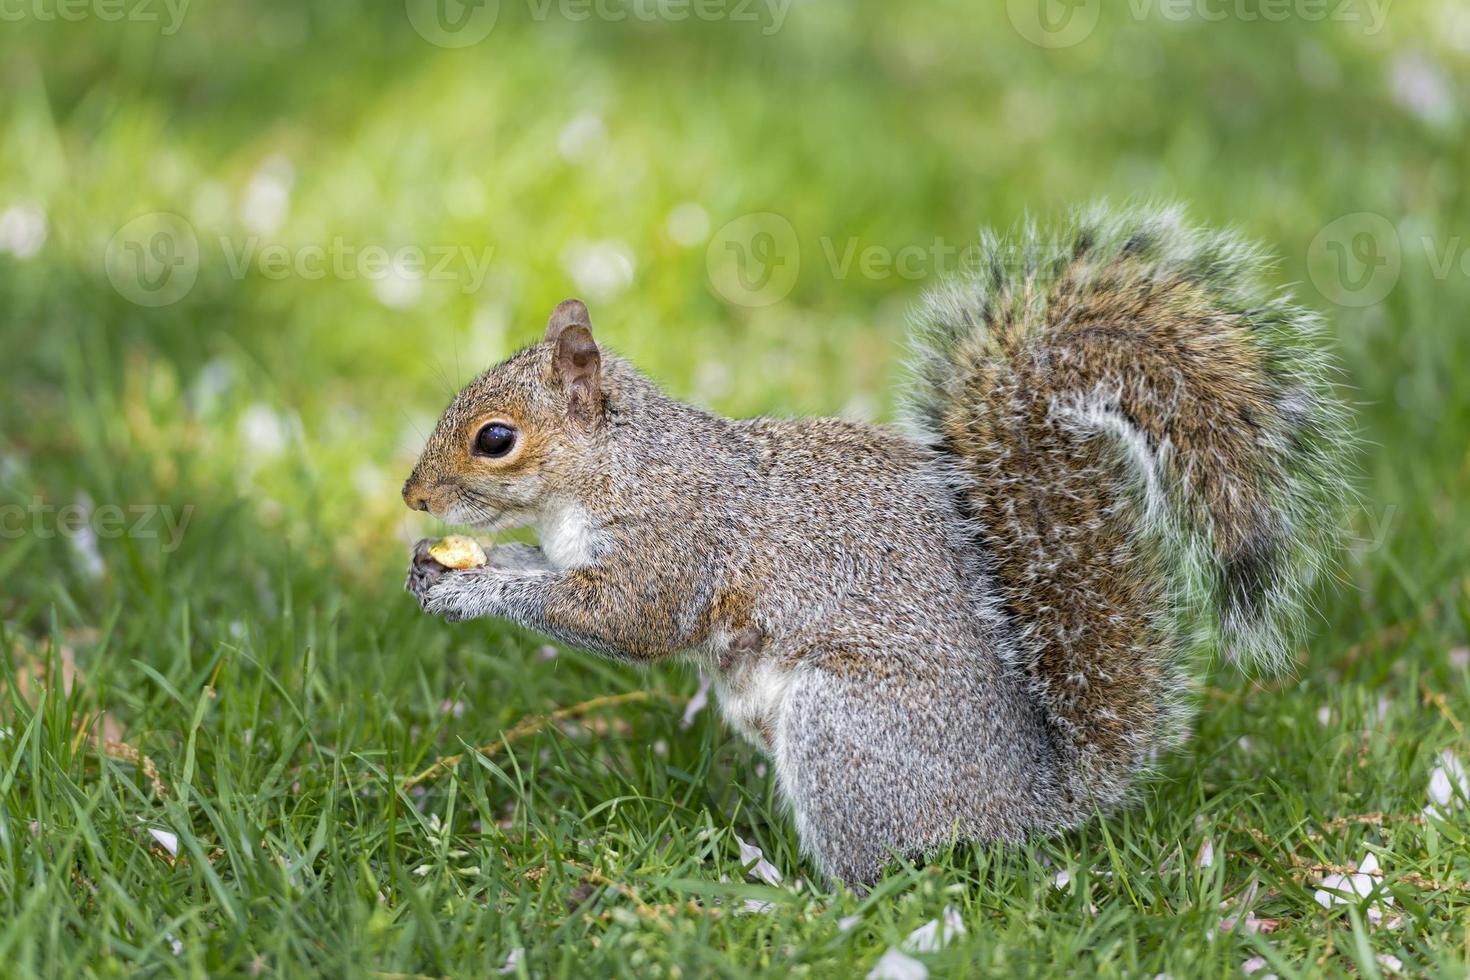 Eichhörnchen schaut dich an, während du eine Nuss hältst foto